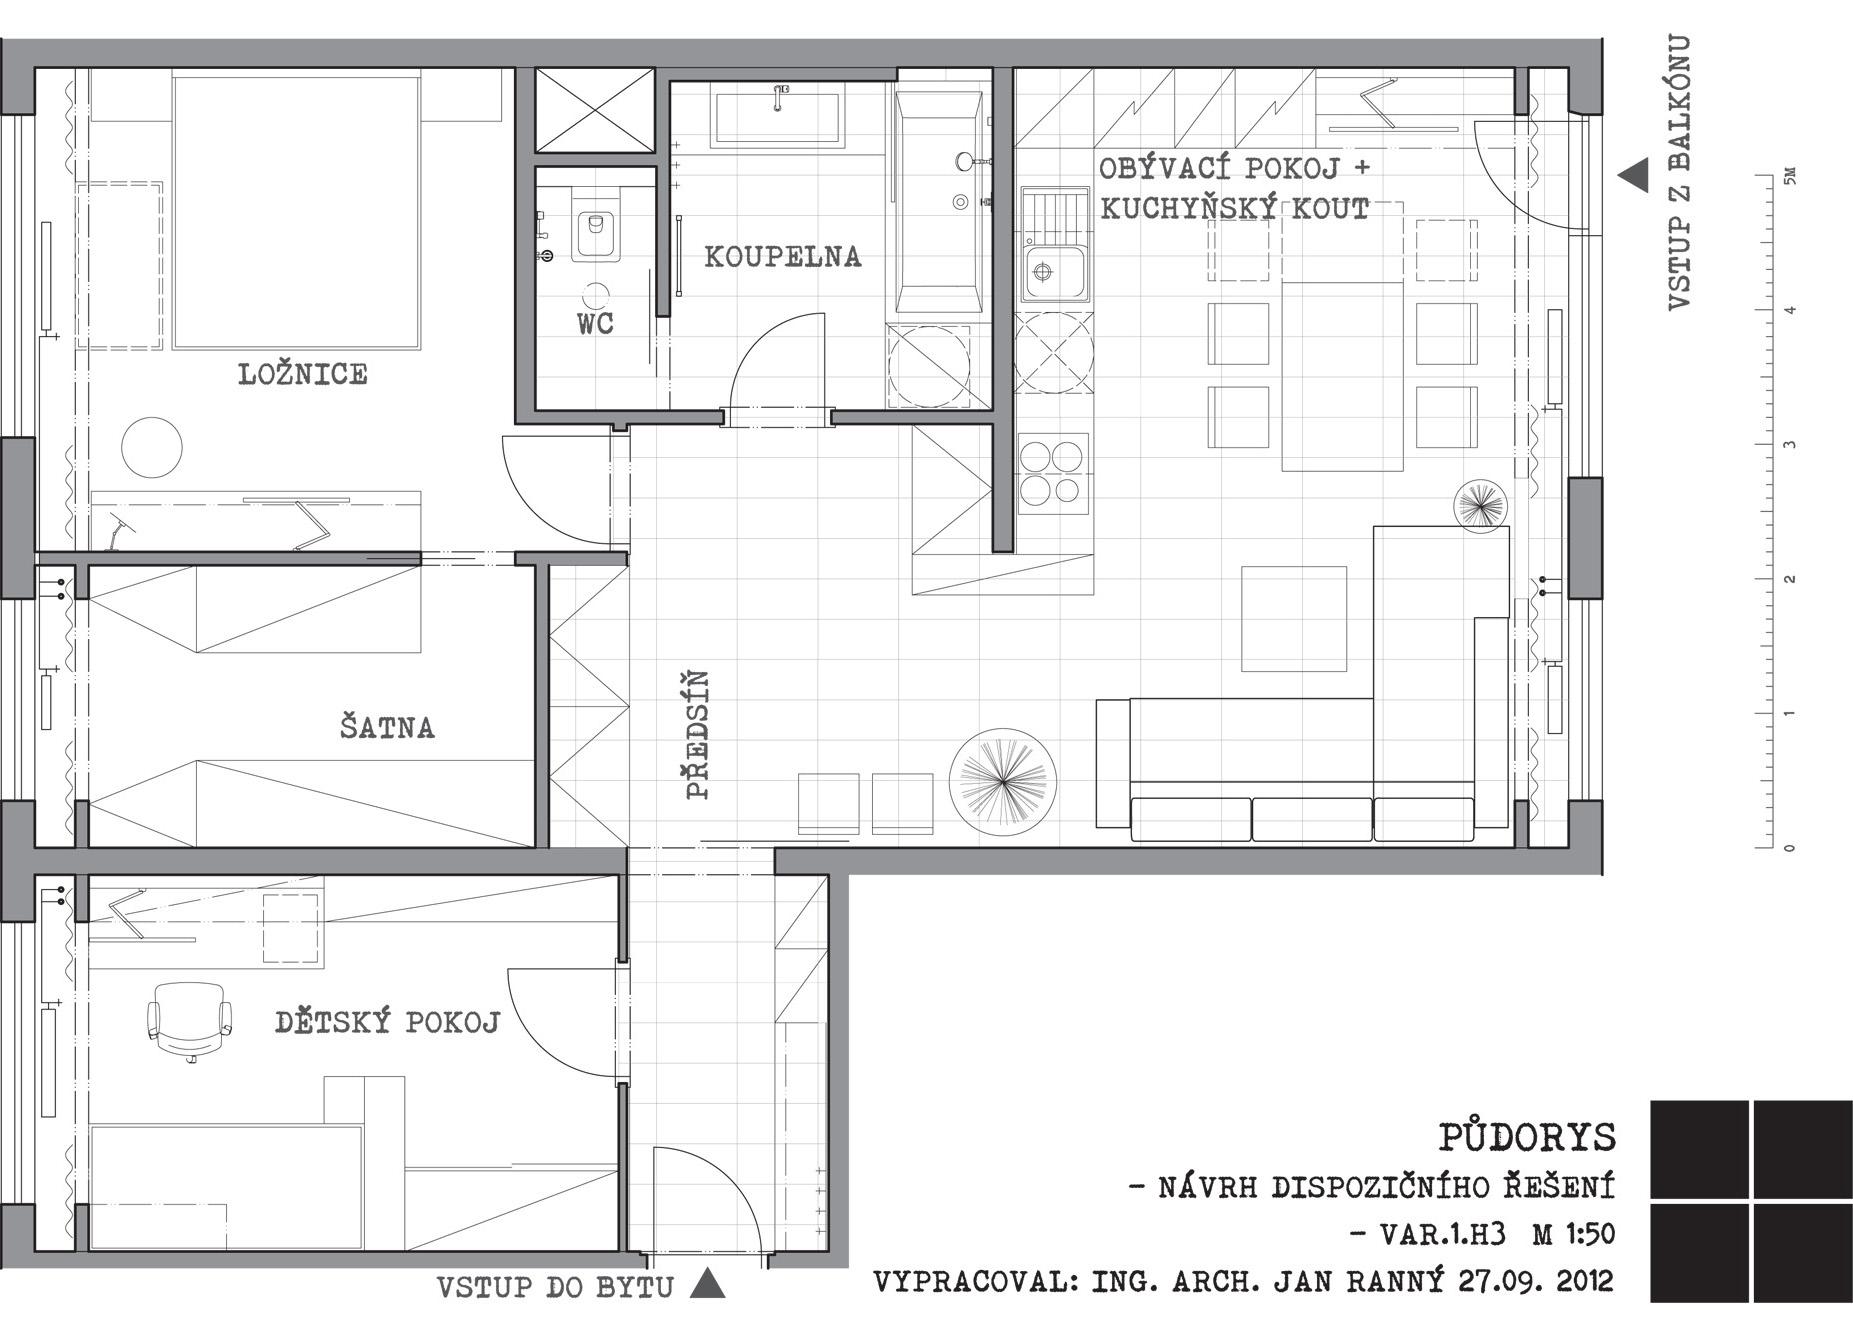 rekonstrukce panelového bytu - půdorys